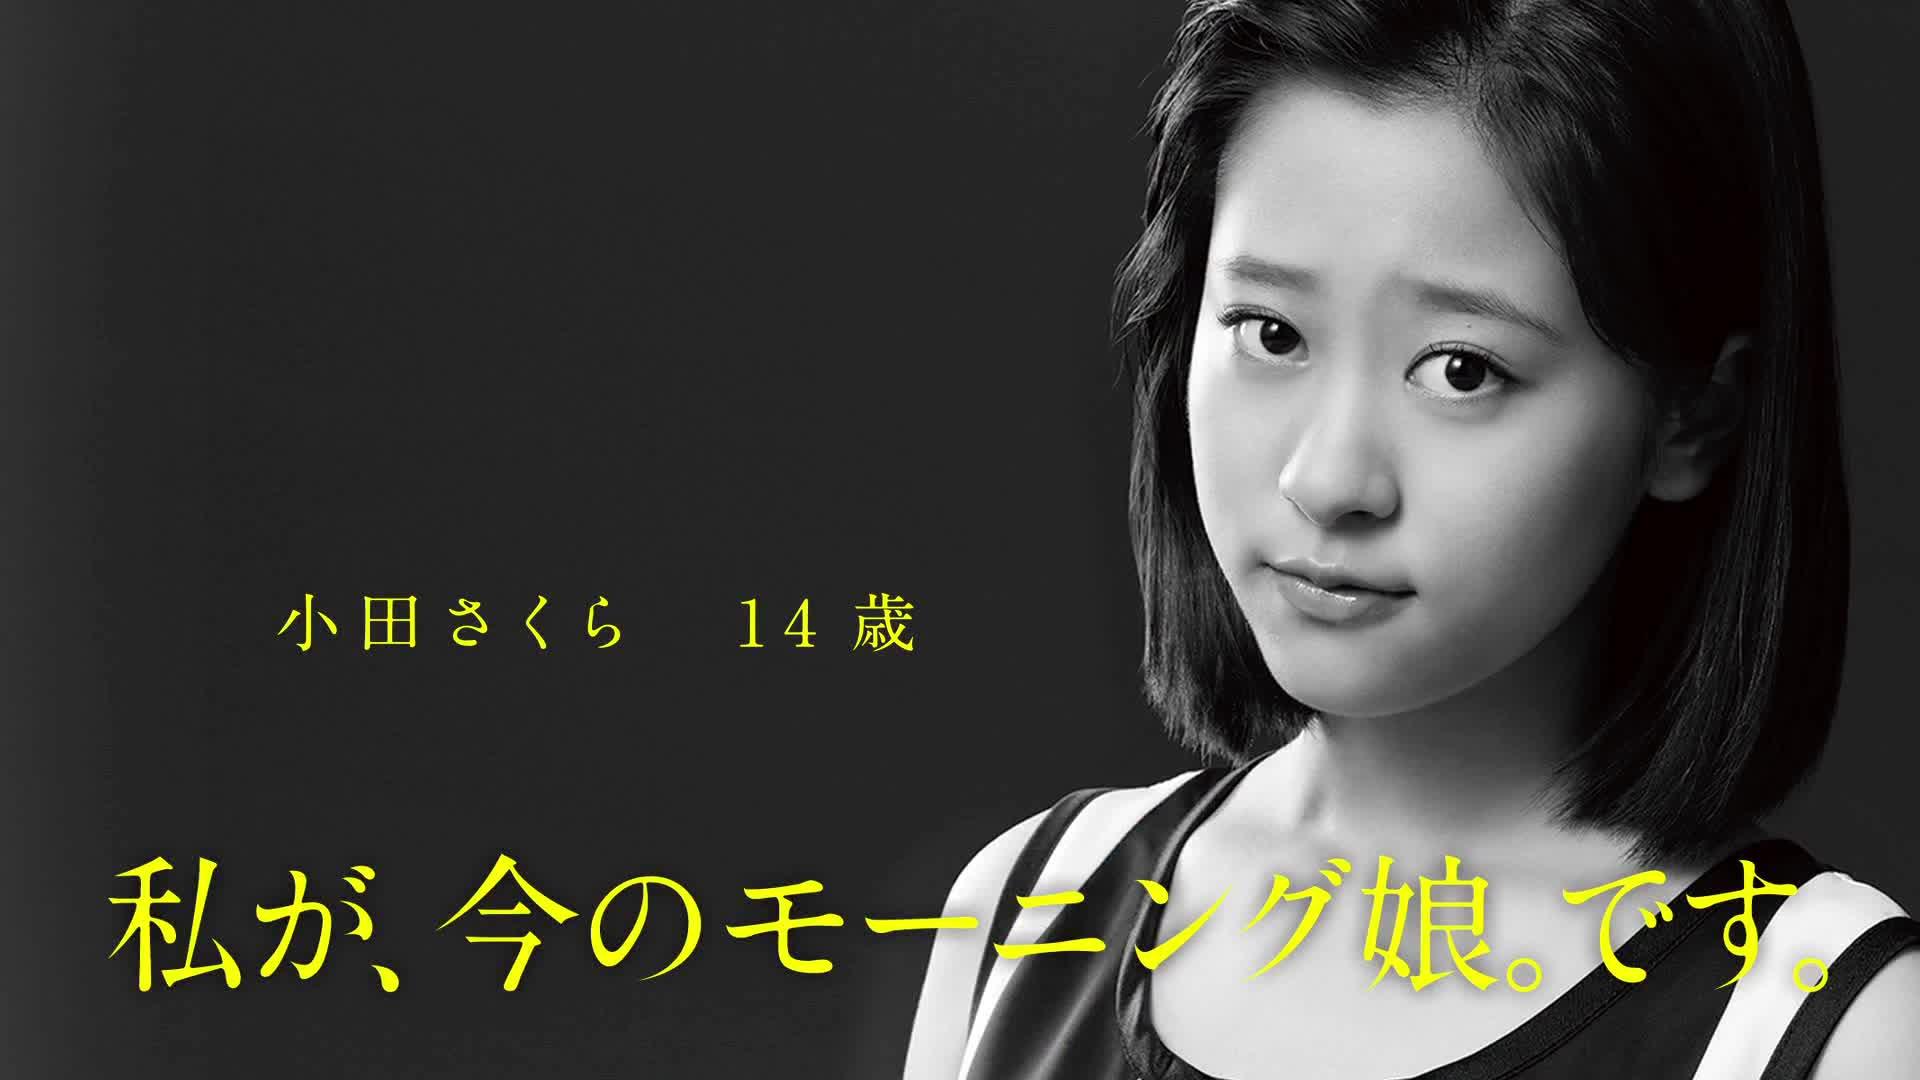 「私が、今のモーニング娘。です。」の小田さくら画像